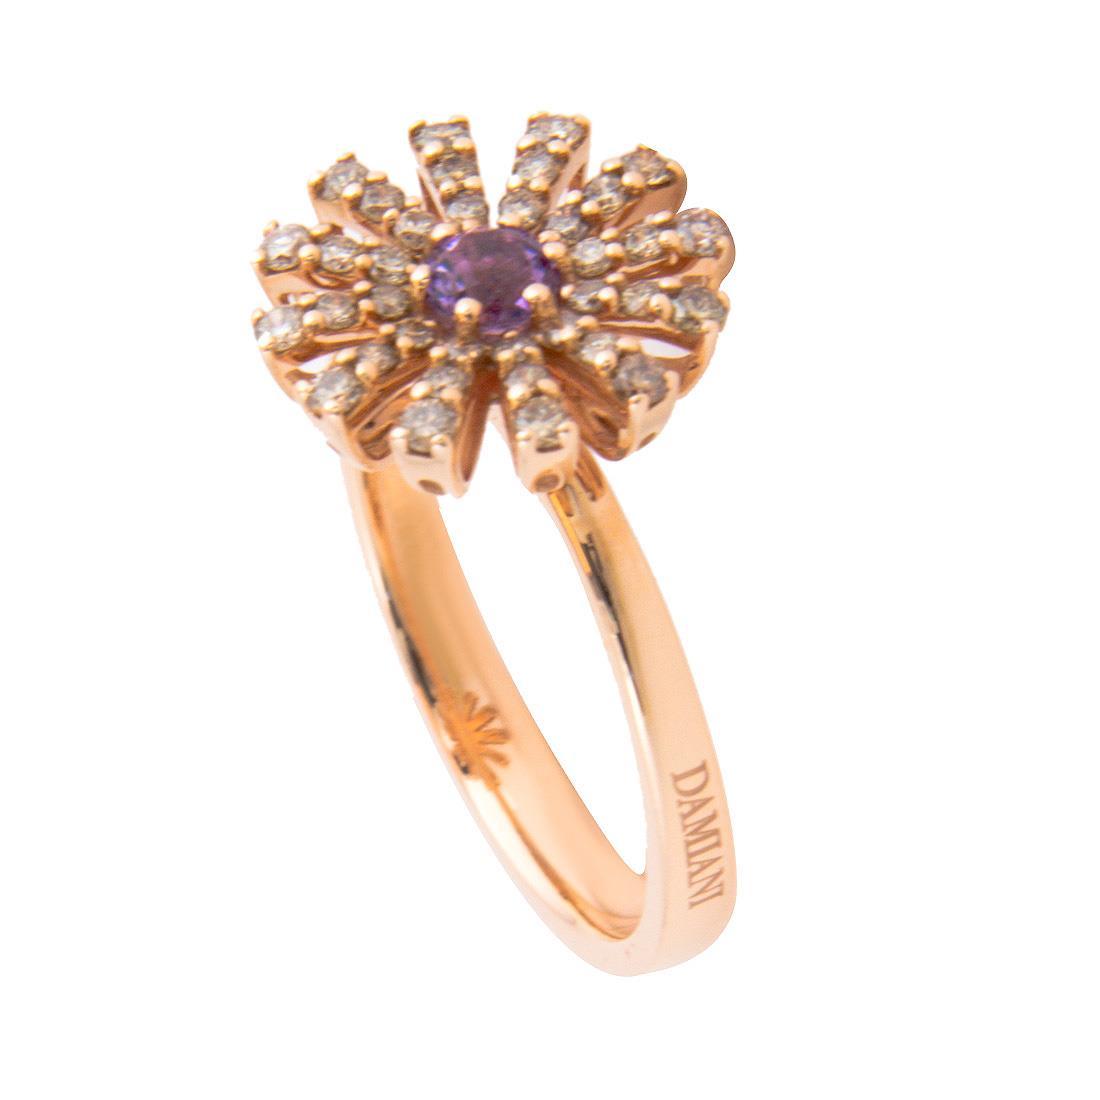 Anello Damiani Collezione Margherita in oro rosa con diamanti ct 0,35 con ametista misura 13 - DAMIANI